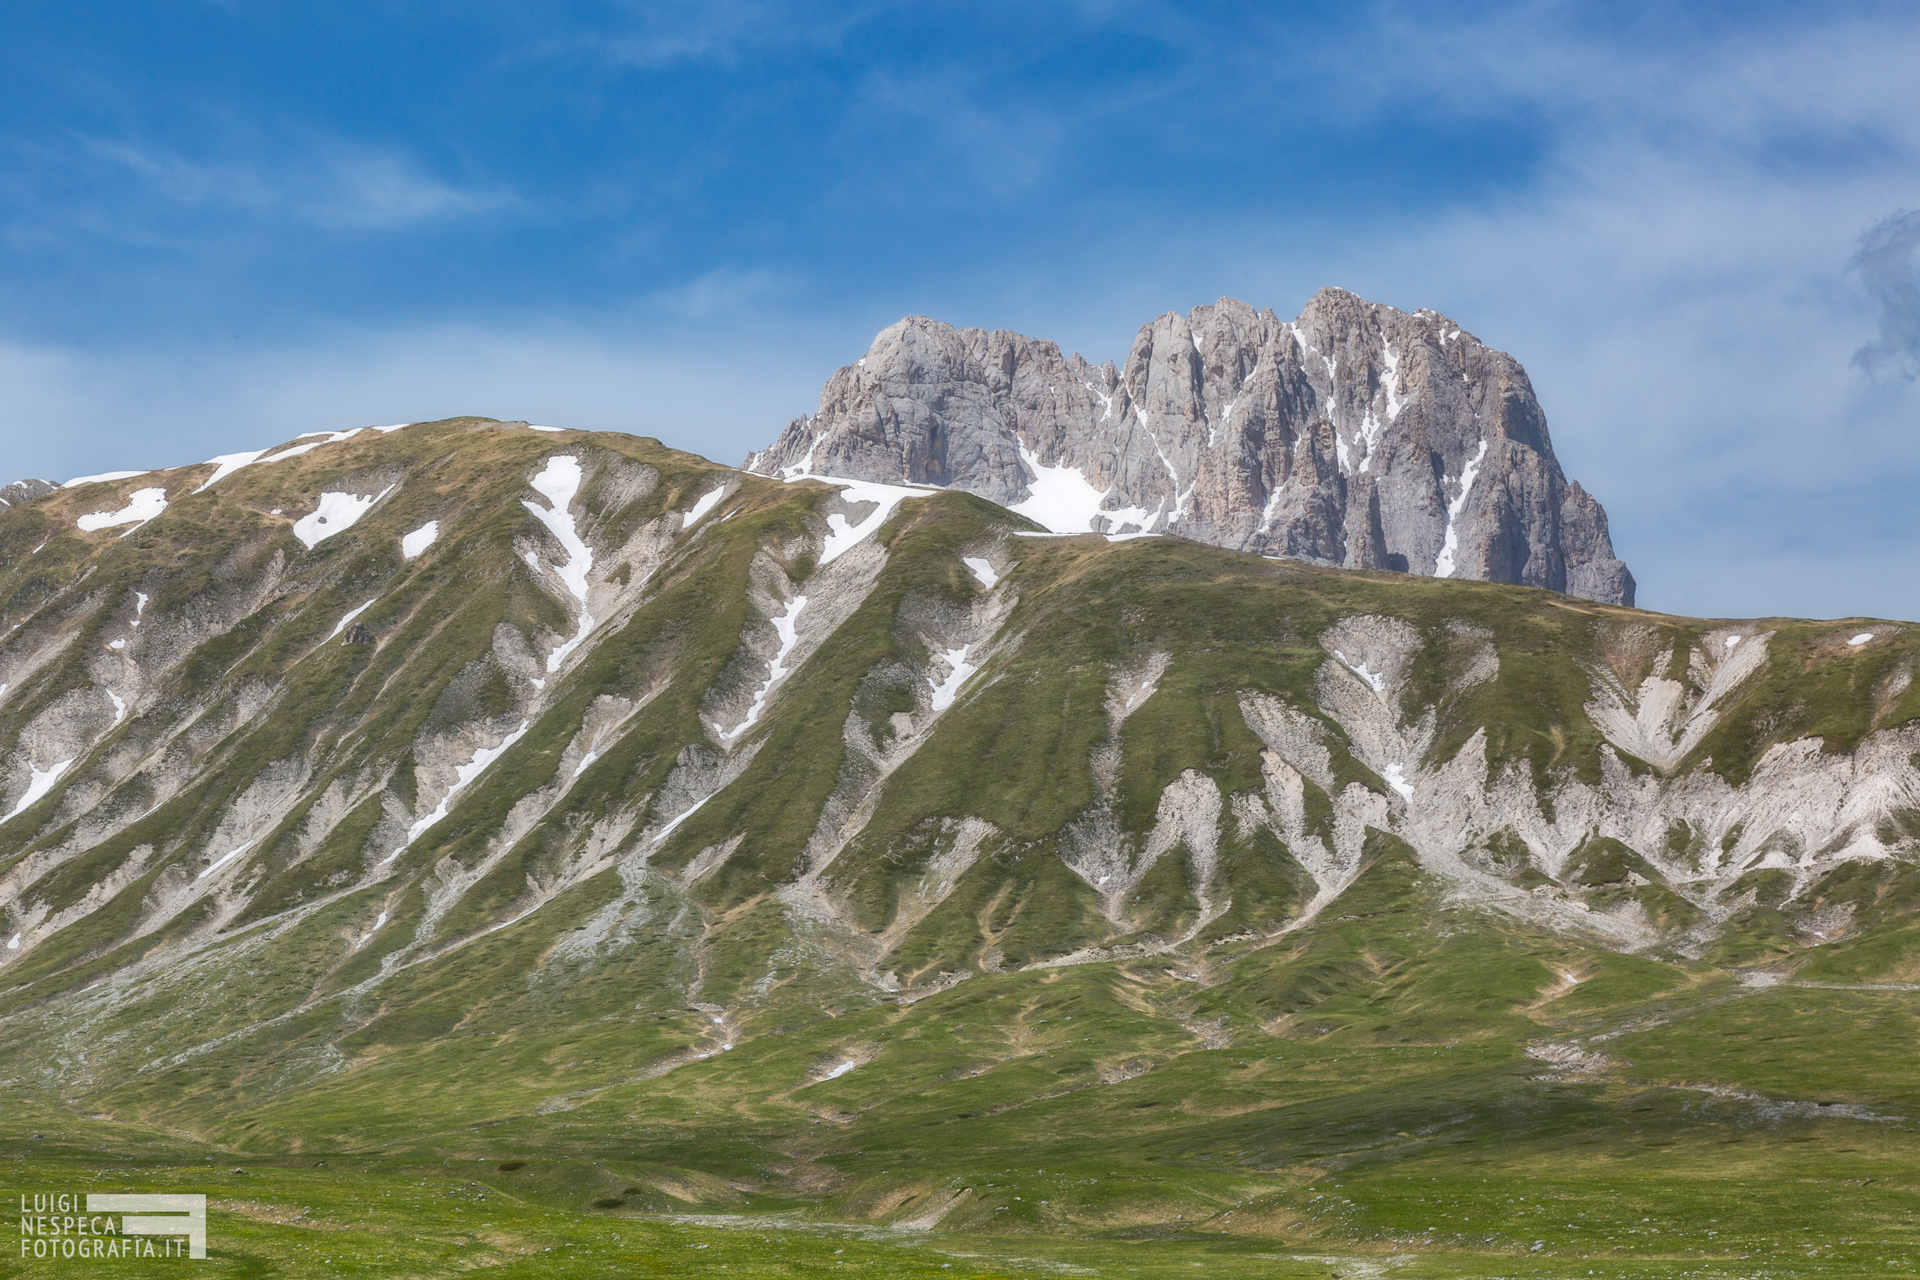 22 - Monte Aquila e Corno Grande - Un anno al Gran Sasso